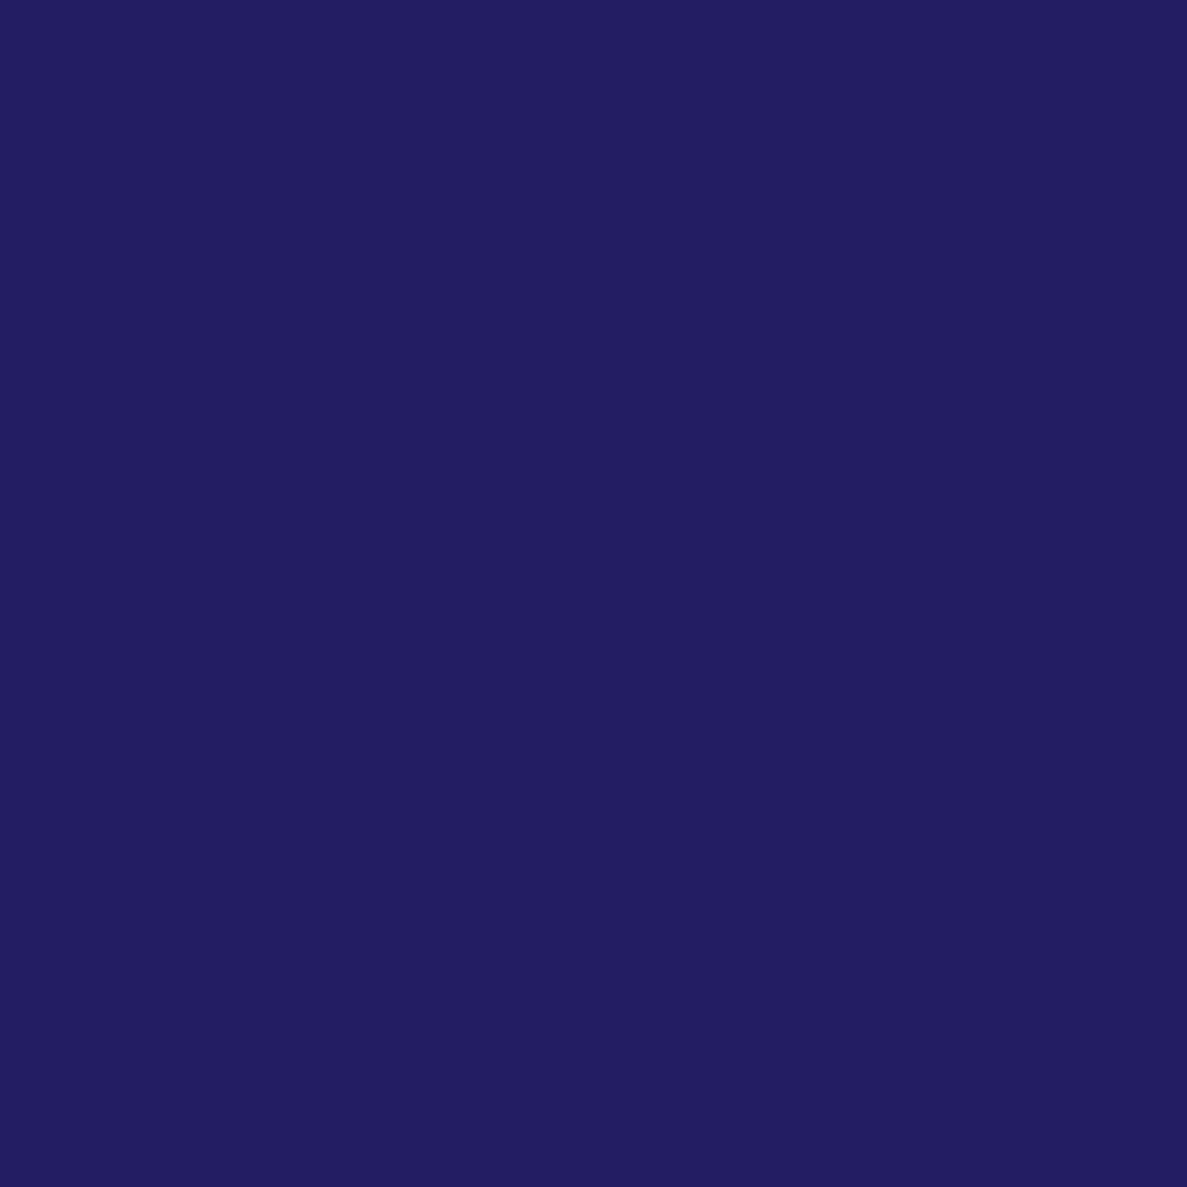 Aparici Primary Cobalto 295x295 Cm Gres Tinta Unita 295x29